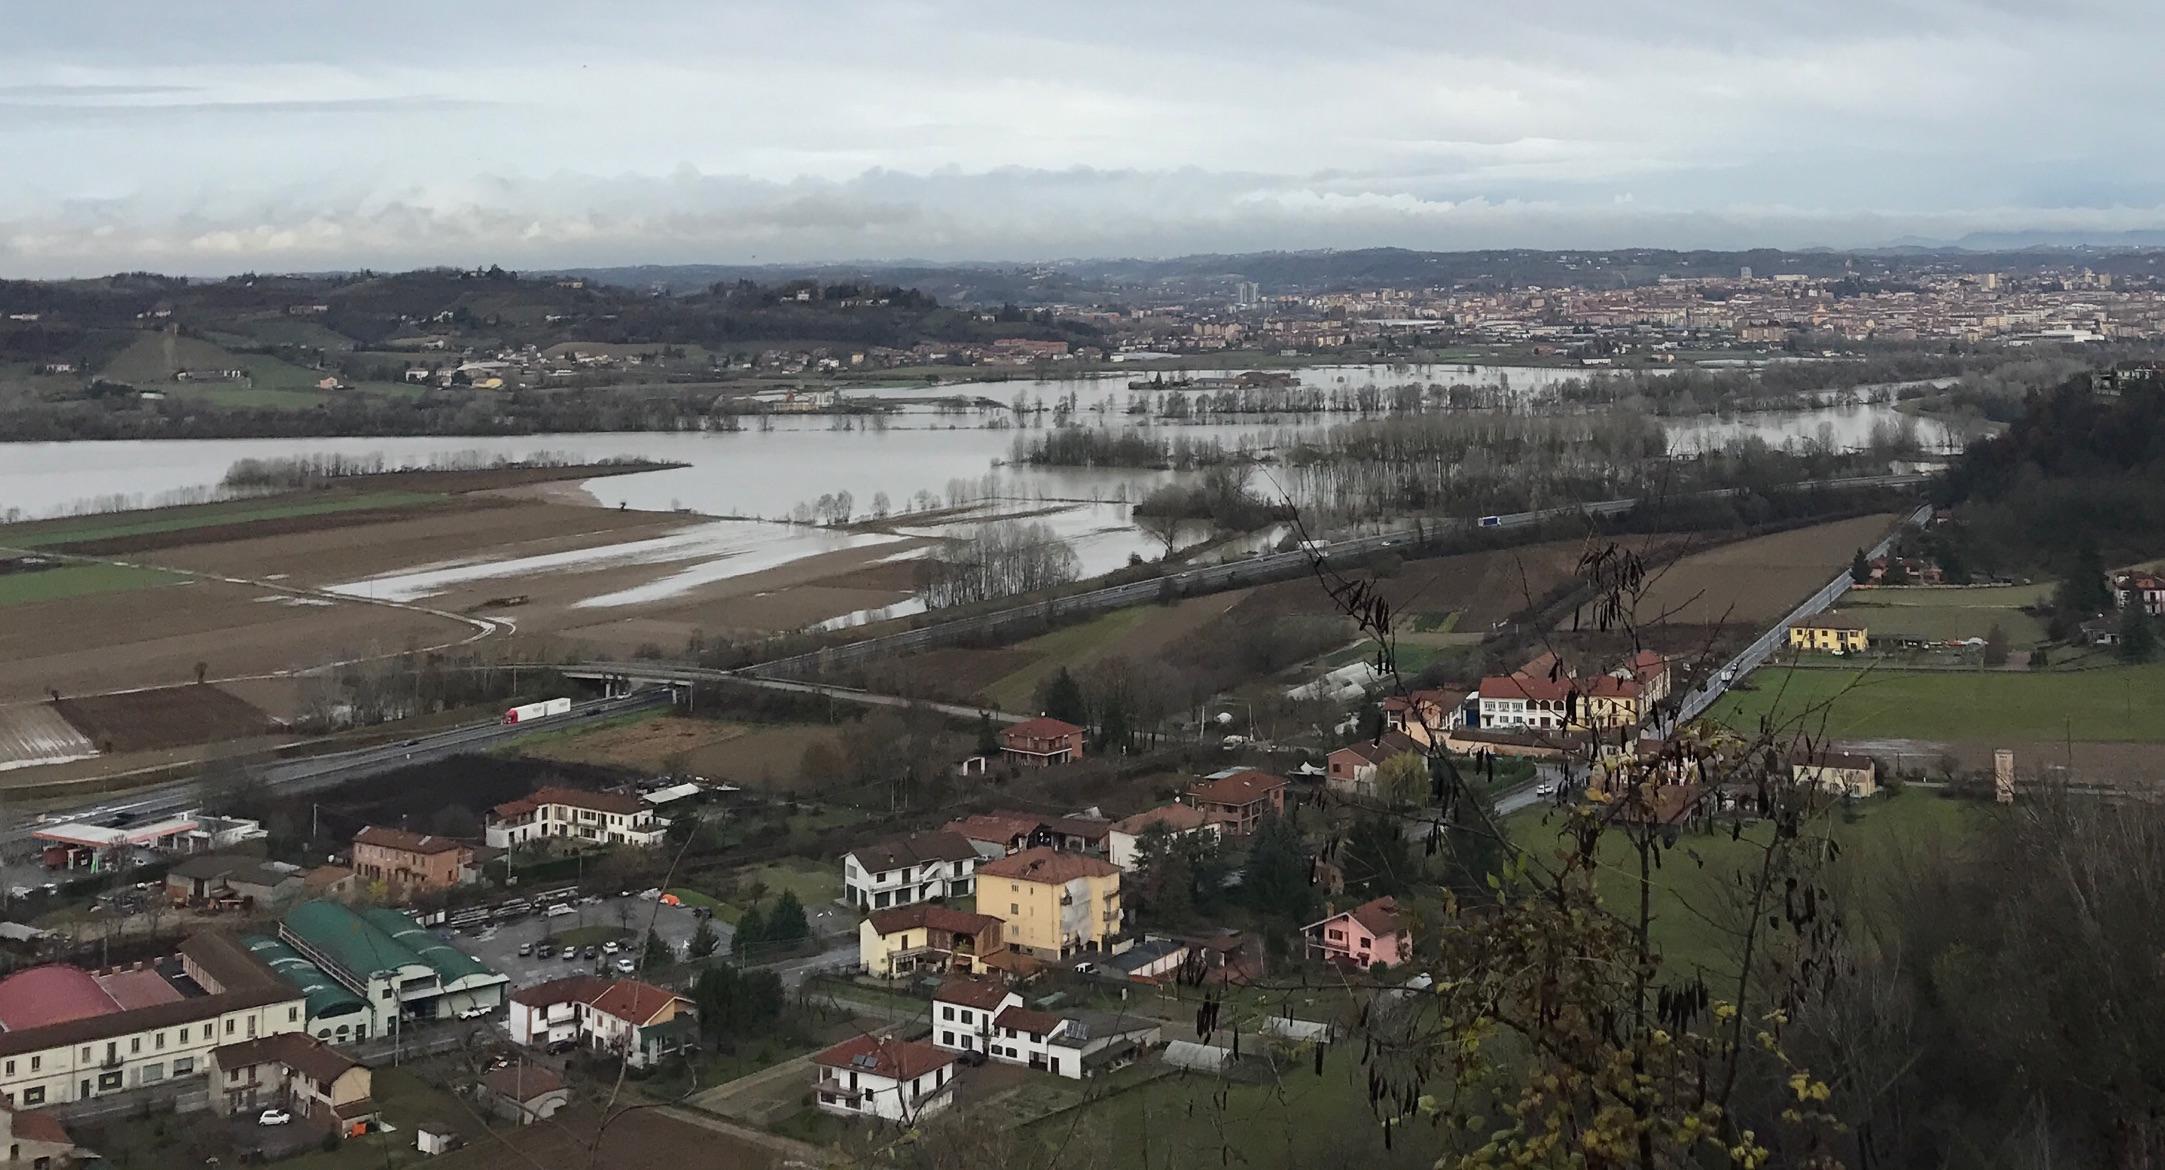 La Regione invia al Ministero i dati sull'alluvione di novembre. Danni per 47,156 milioni di euro